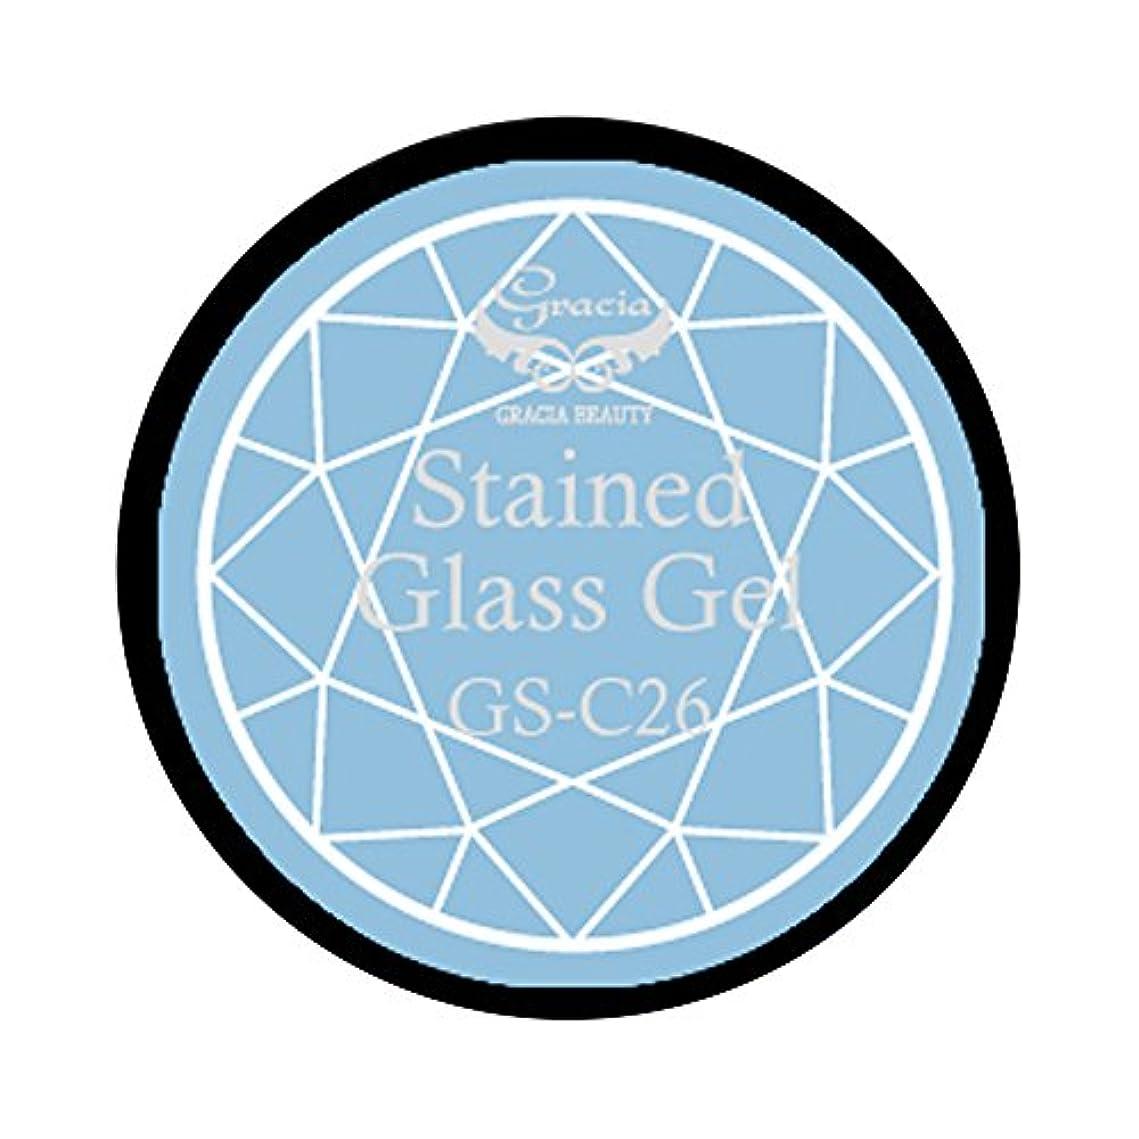 シンプルな資産シールグラシア ジェルネイル ステンドグラスジェル GSM-C26 3g  クリア UV/LED対応 カラージェル ソークオフジェル ガラスのような透明感